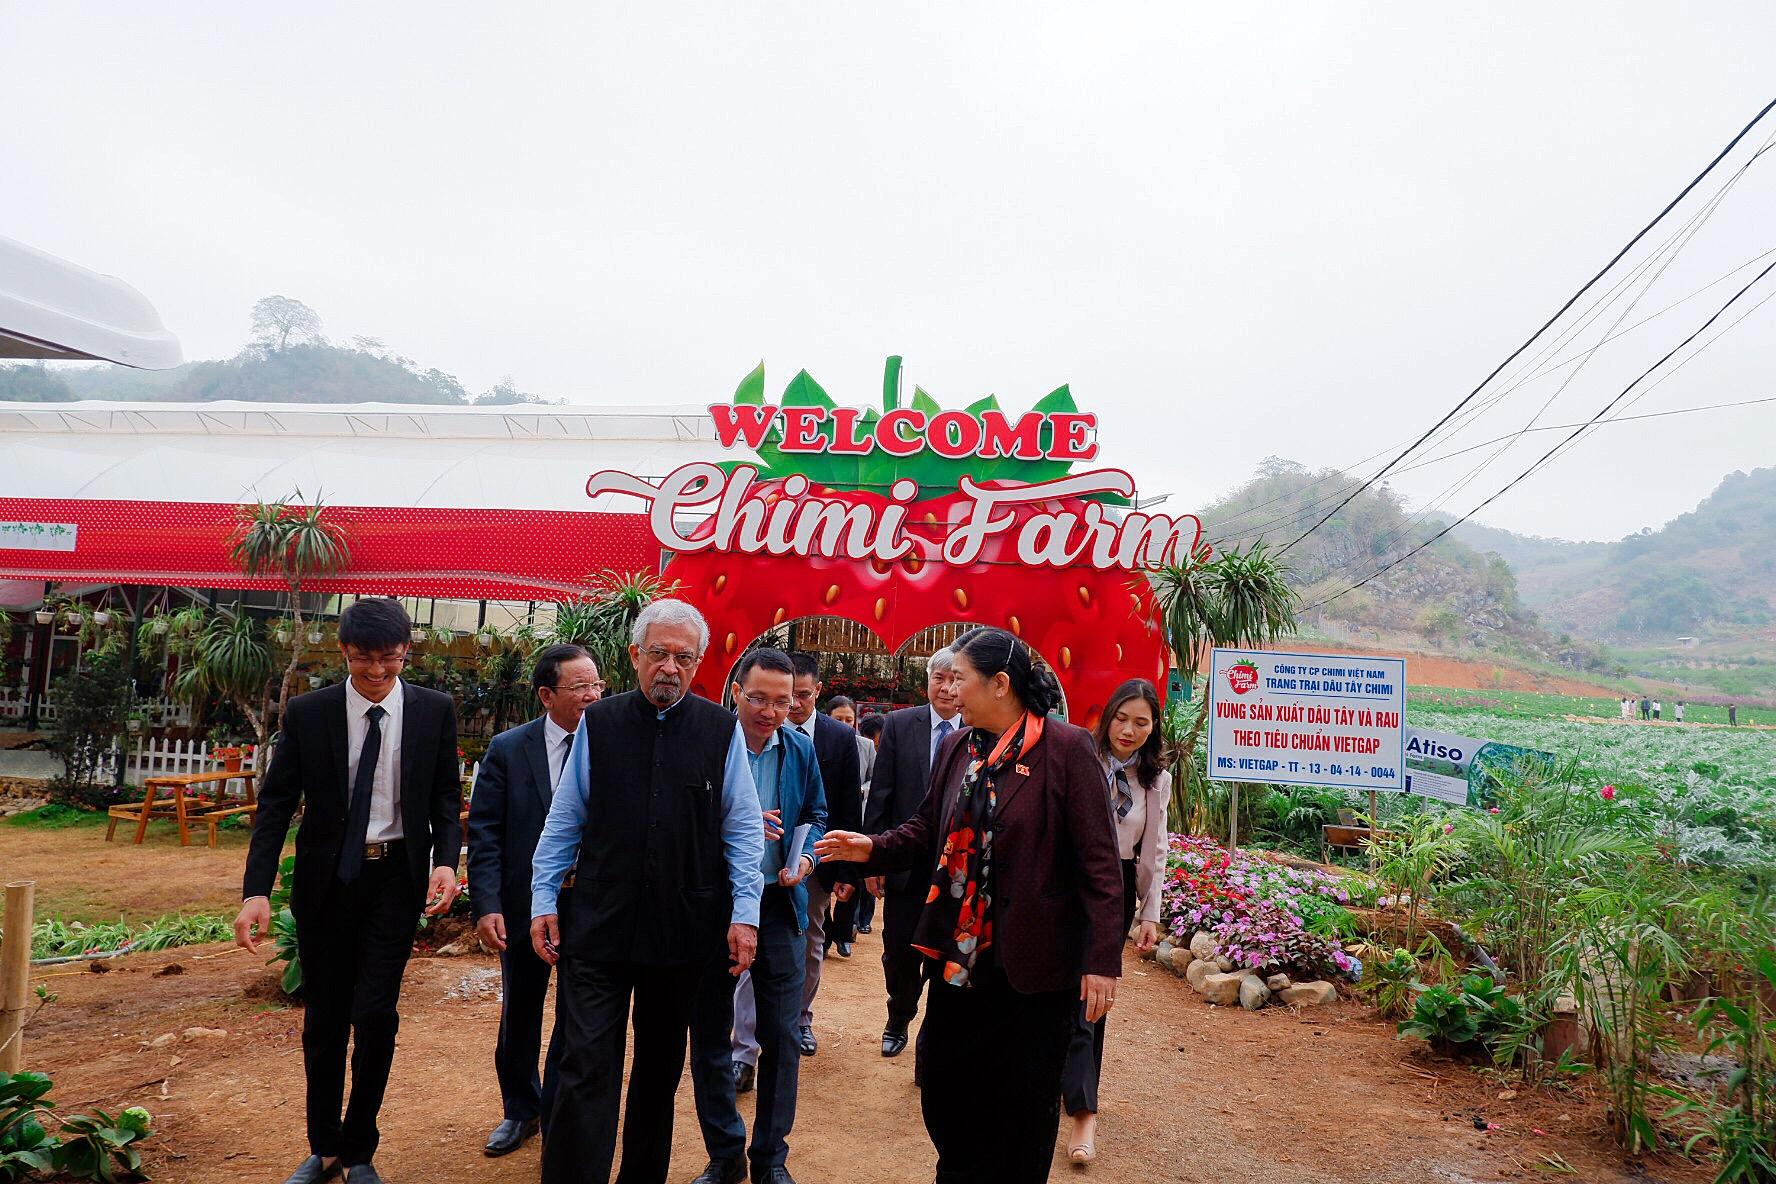 Đoàn khách Quốc hội đến tham quan trang trại dâu tây Chimi